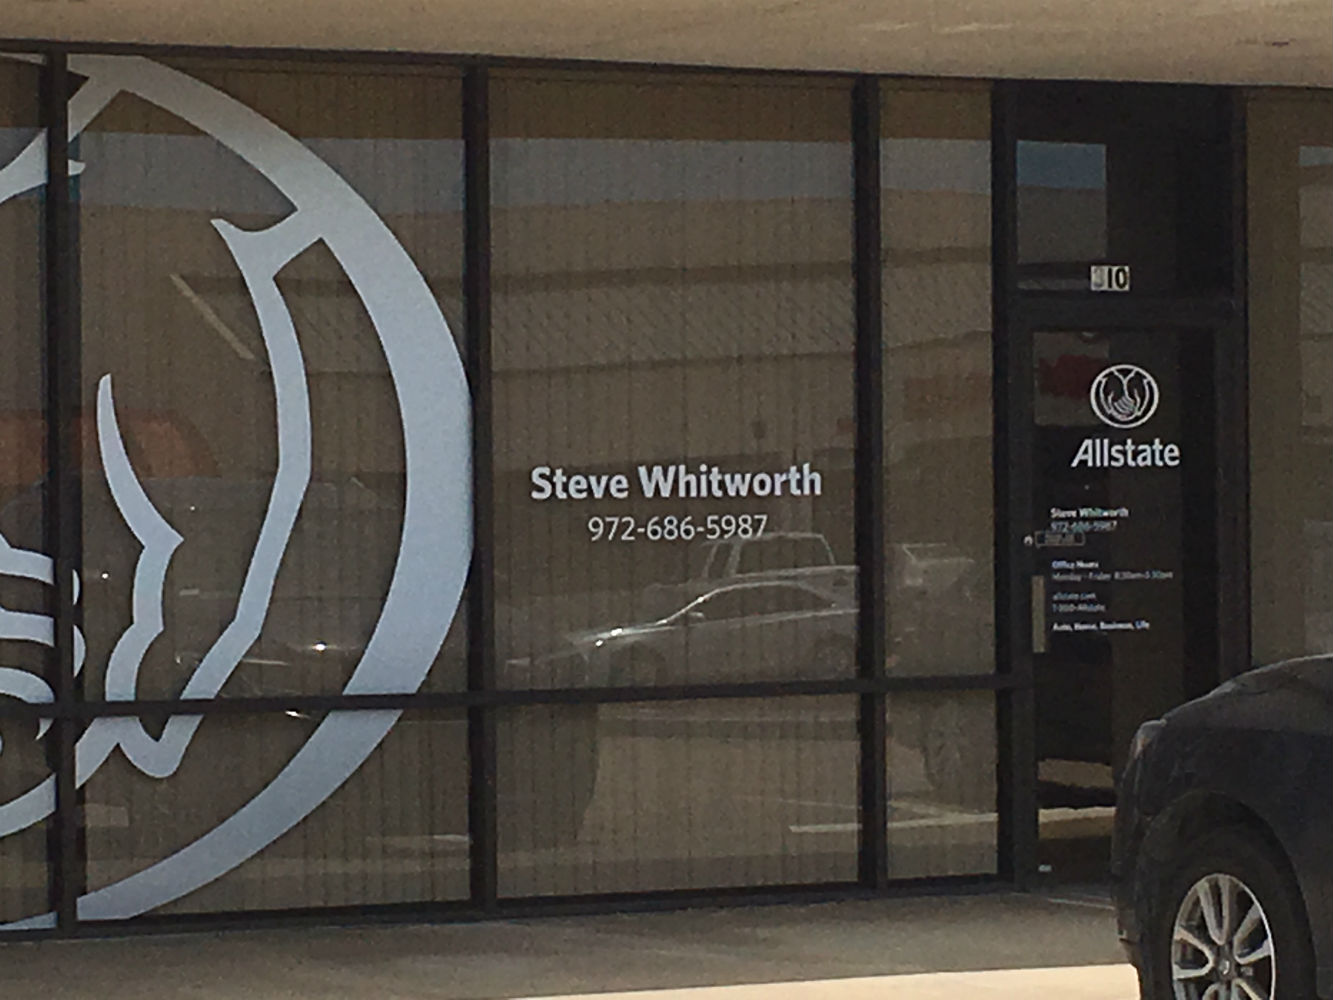 Steve Whitworth: Allstate Insurance